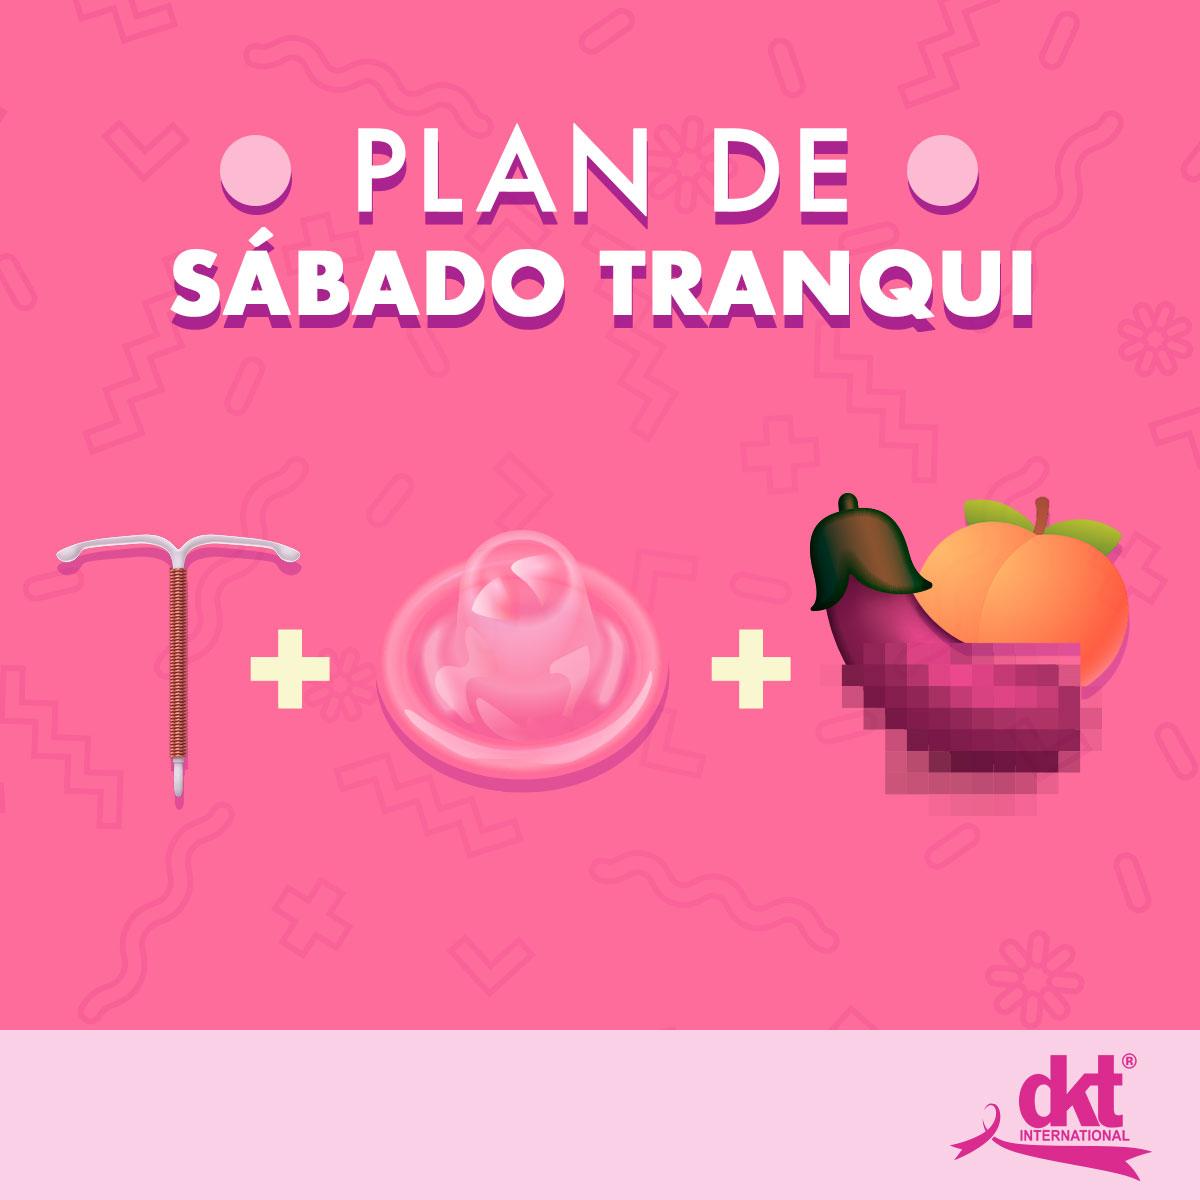 programa-de-dkt-para-evitar-embarazos-no-planeados-en-mexico